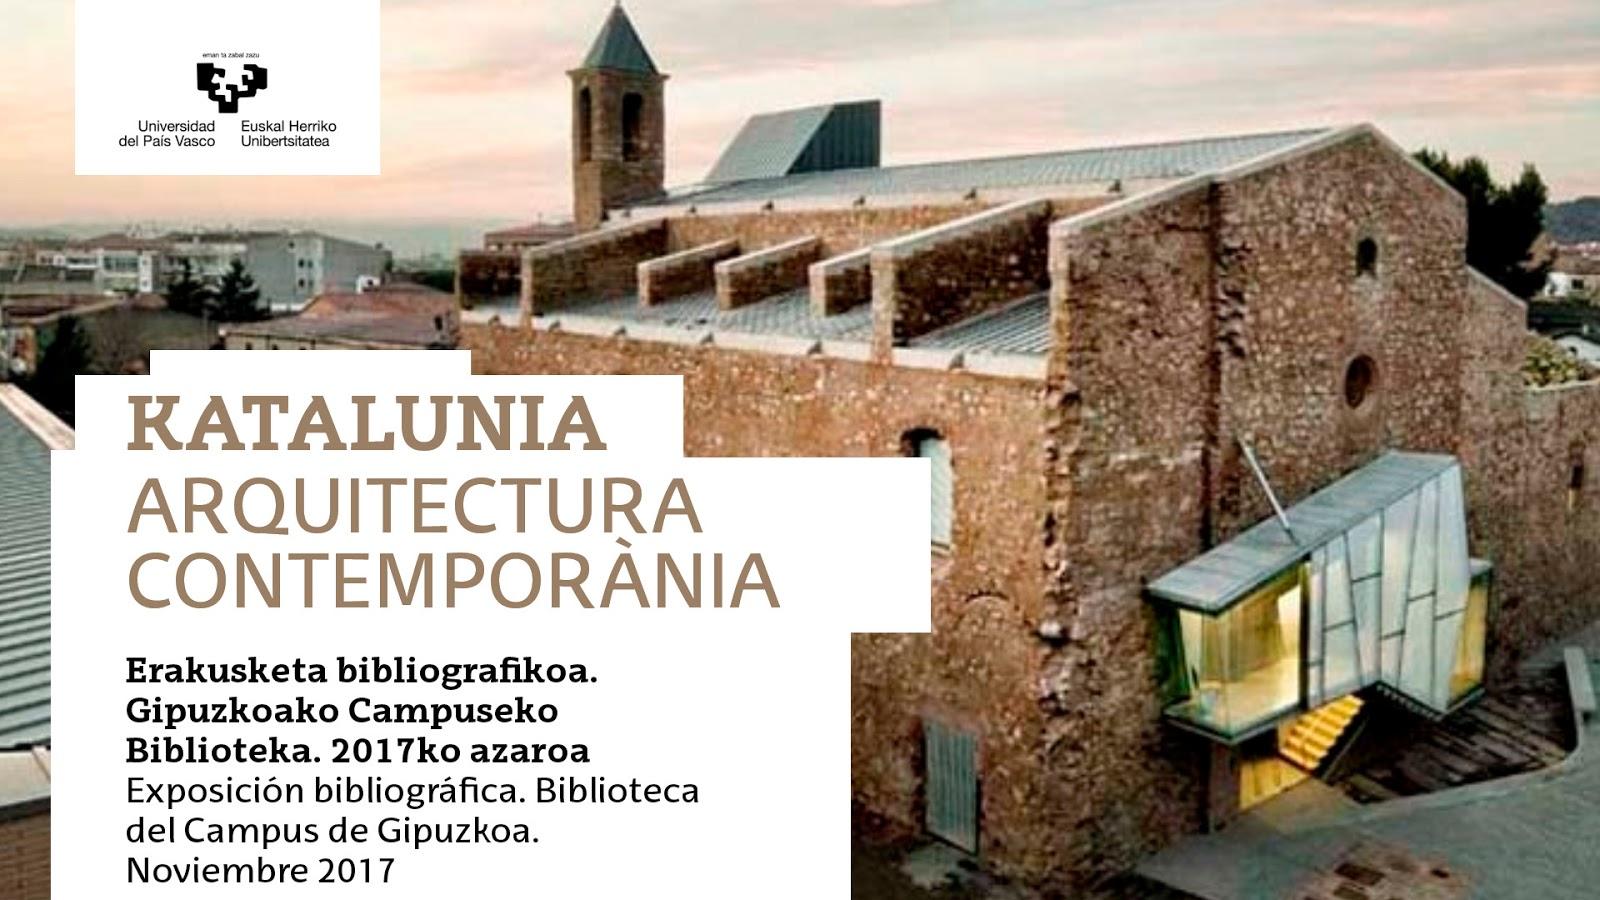 Upv ehu biblioteka for Escuela arquitectura donostia